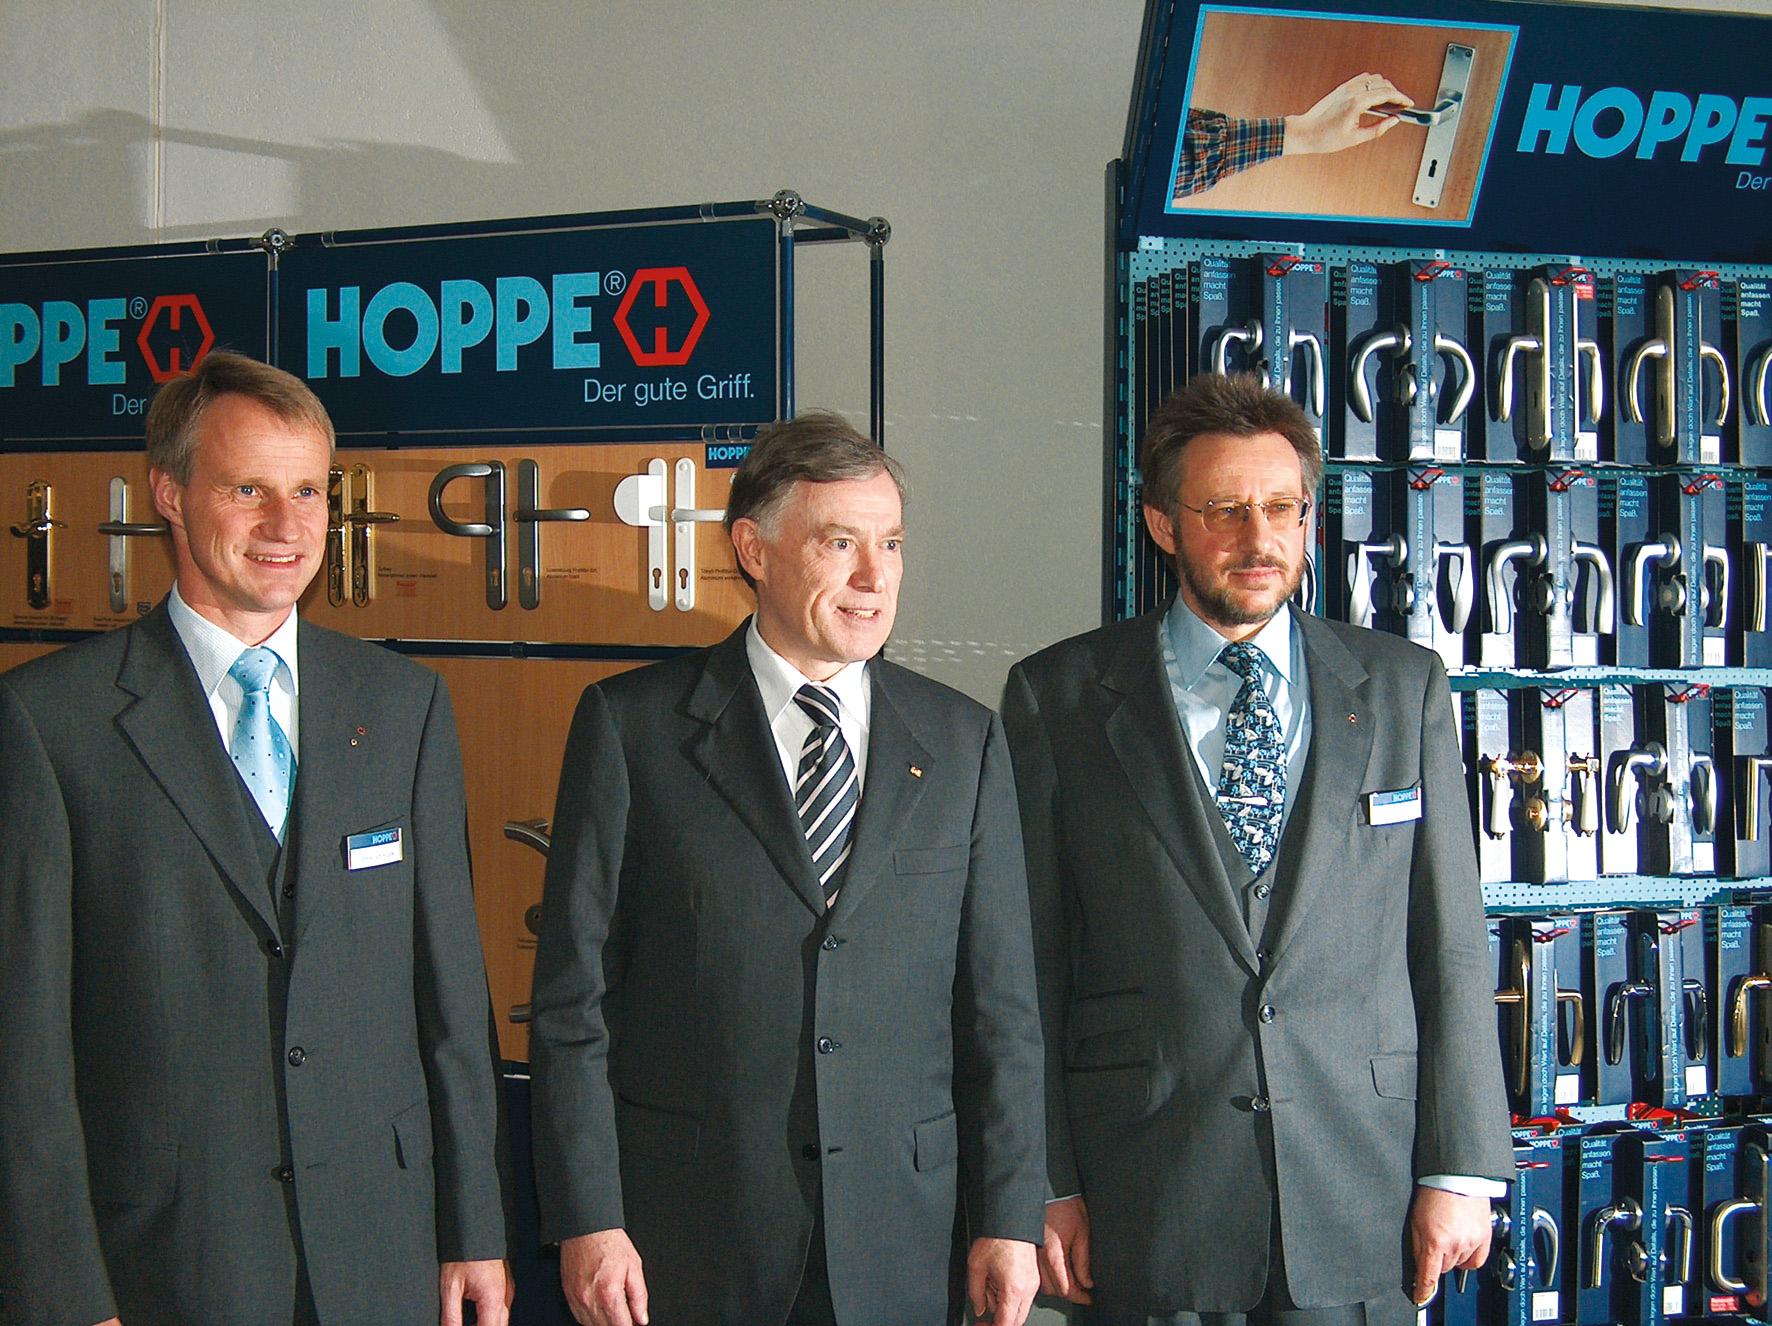 09.12.2005: visita del Presidente tedesco Köhler nello stabilimento HOPPE a Crottendorf